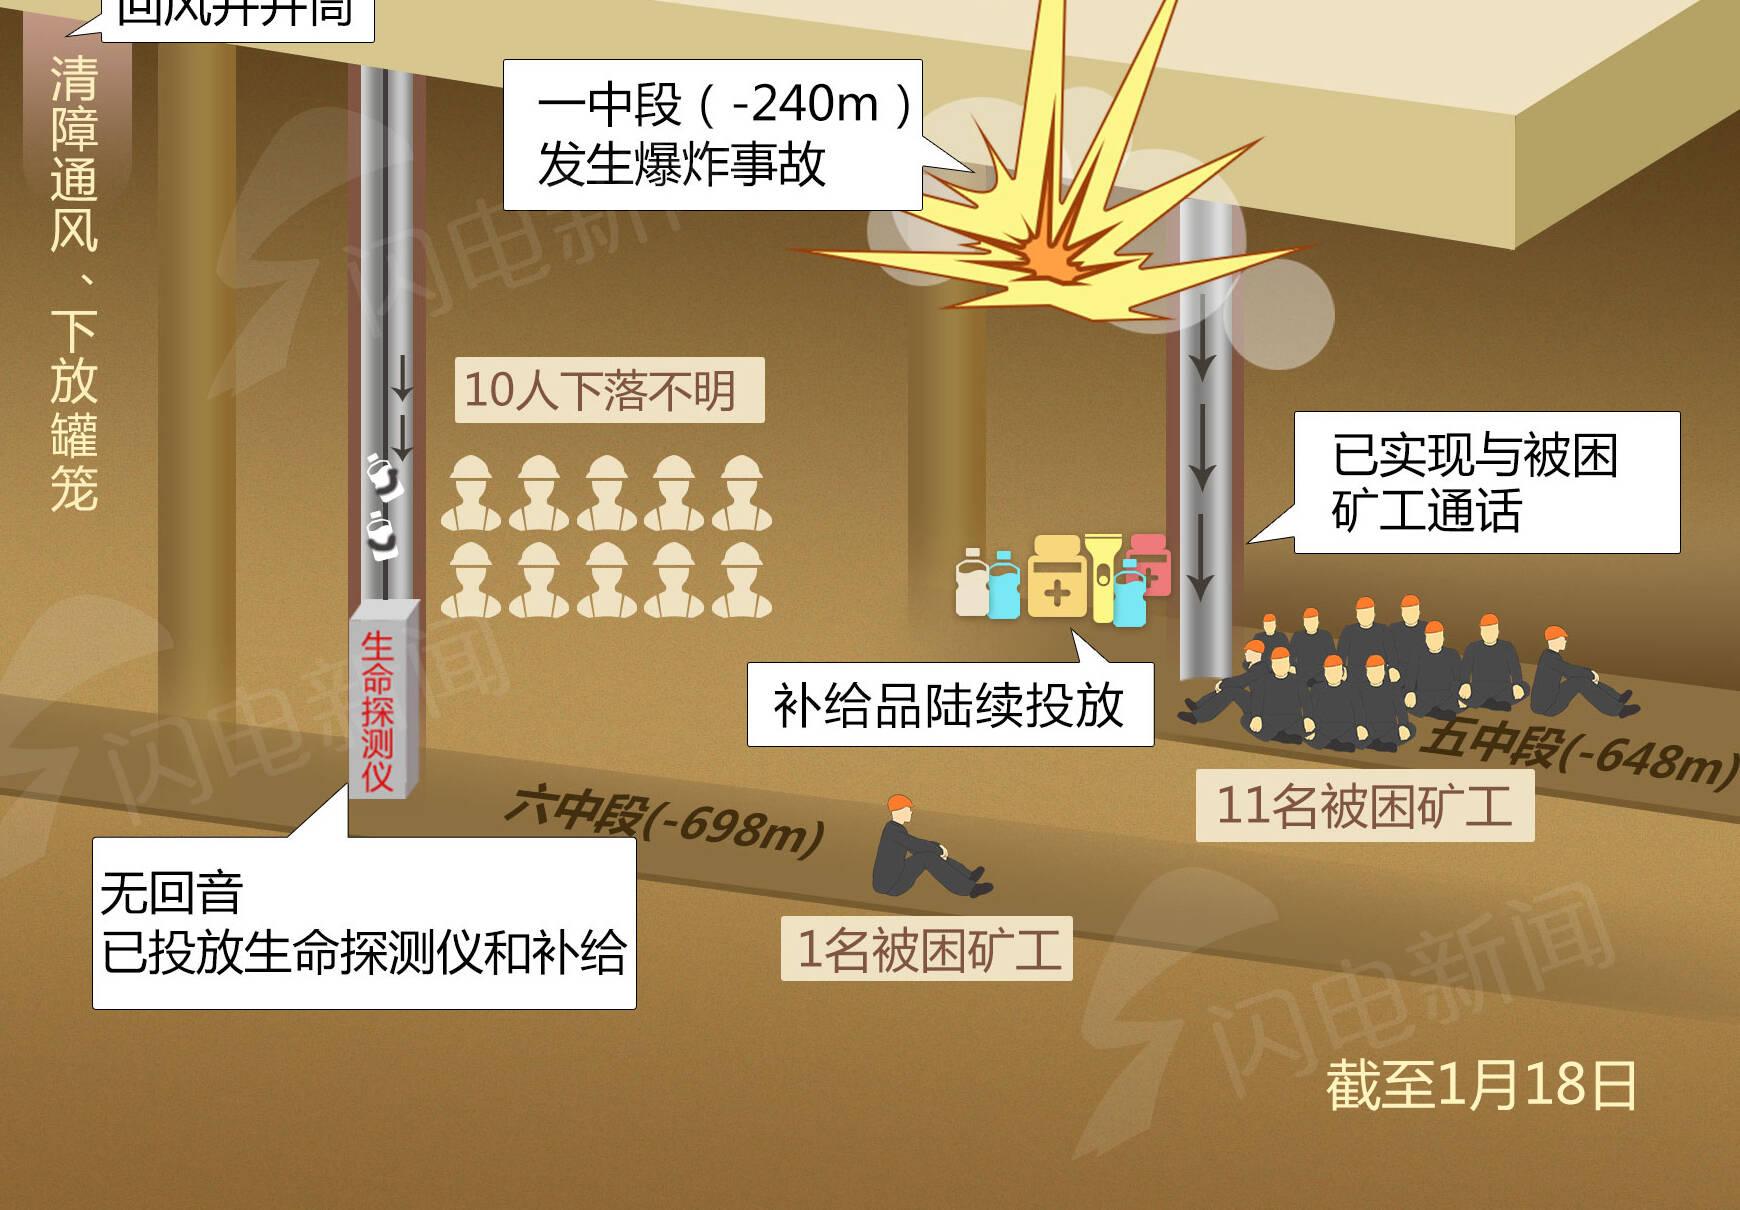 一图速览栖霞金矿事故救援现场进度(截至18日)